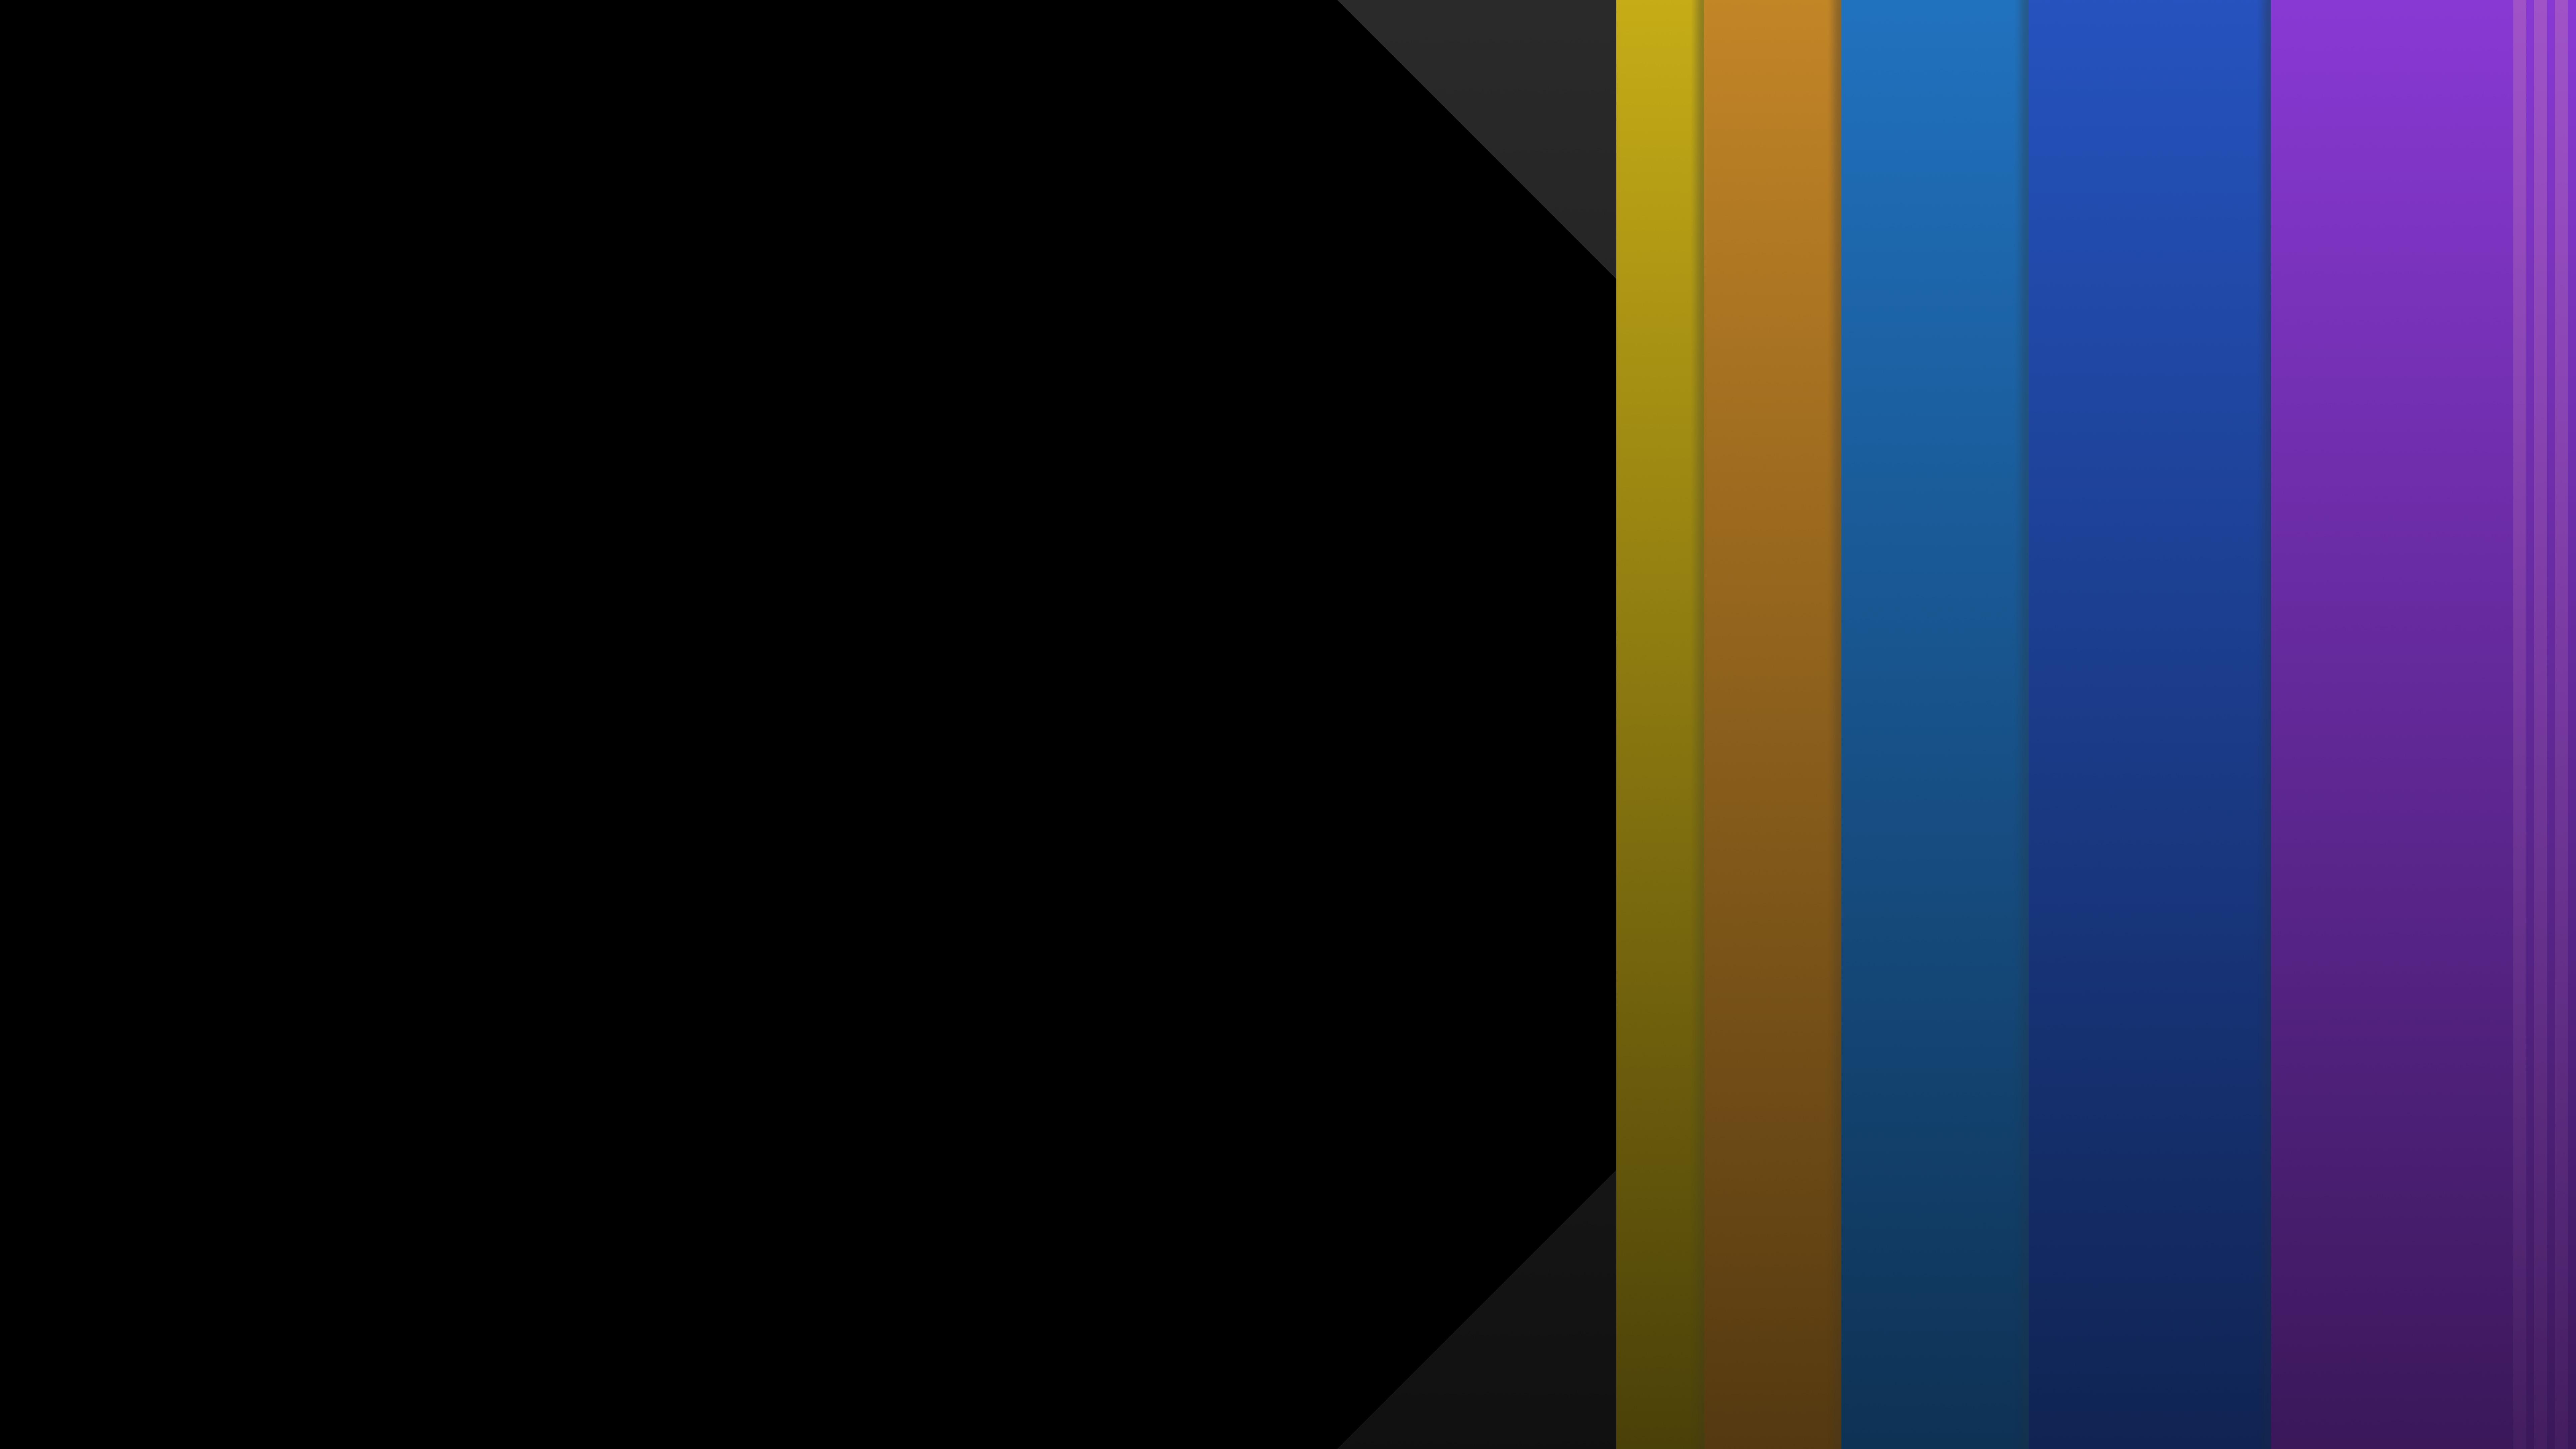 1920x1080 abstract minimalist colors 8k laptop full hd - 8k minimal wallpaper ...